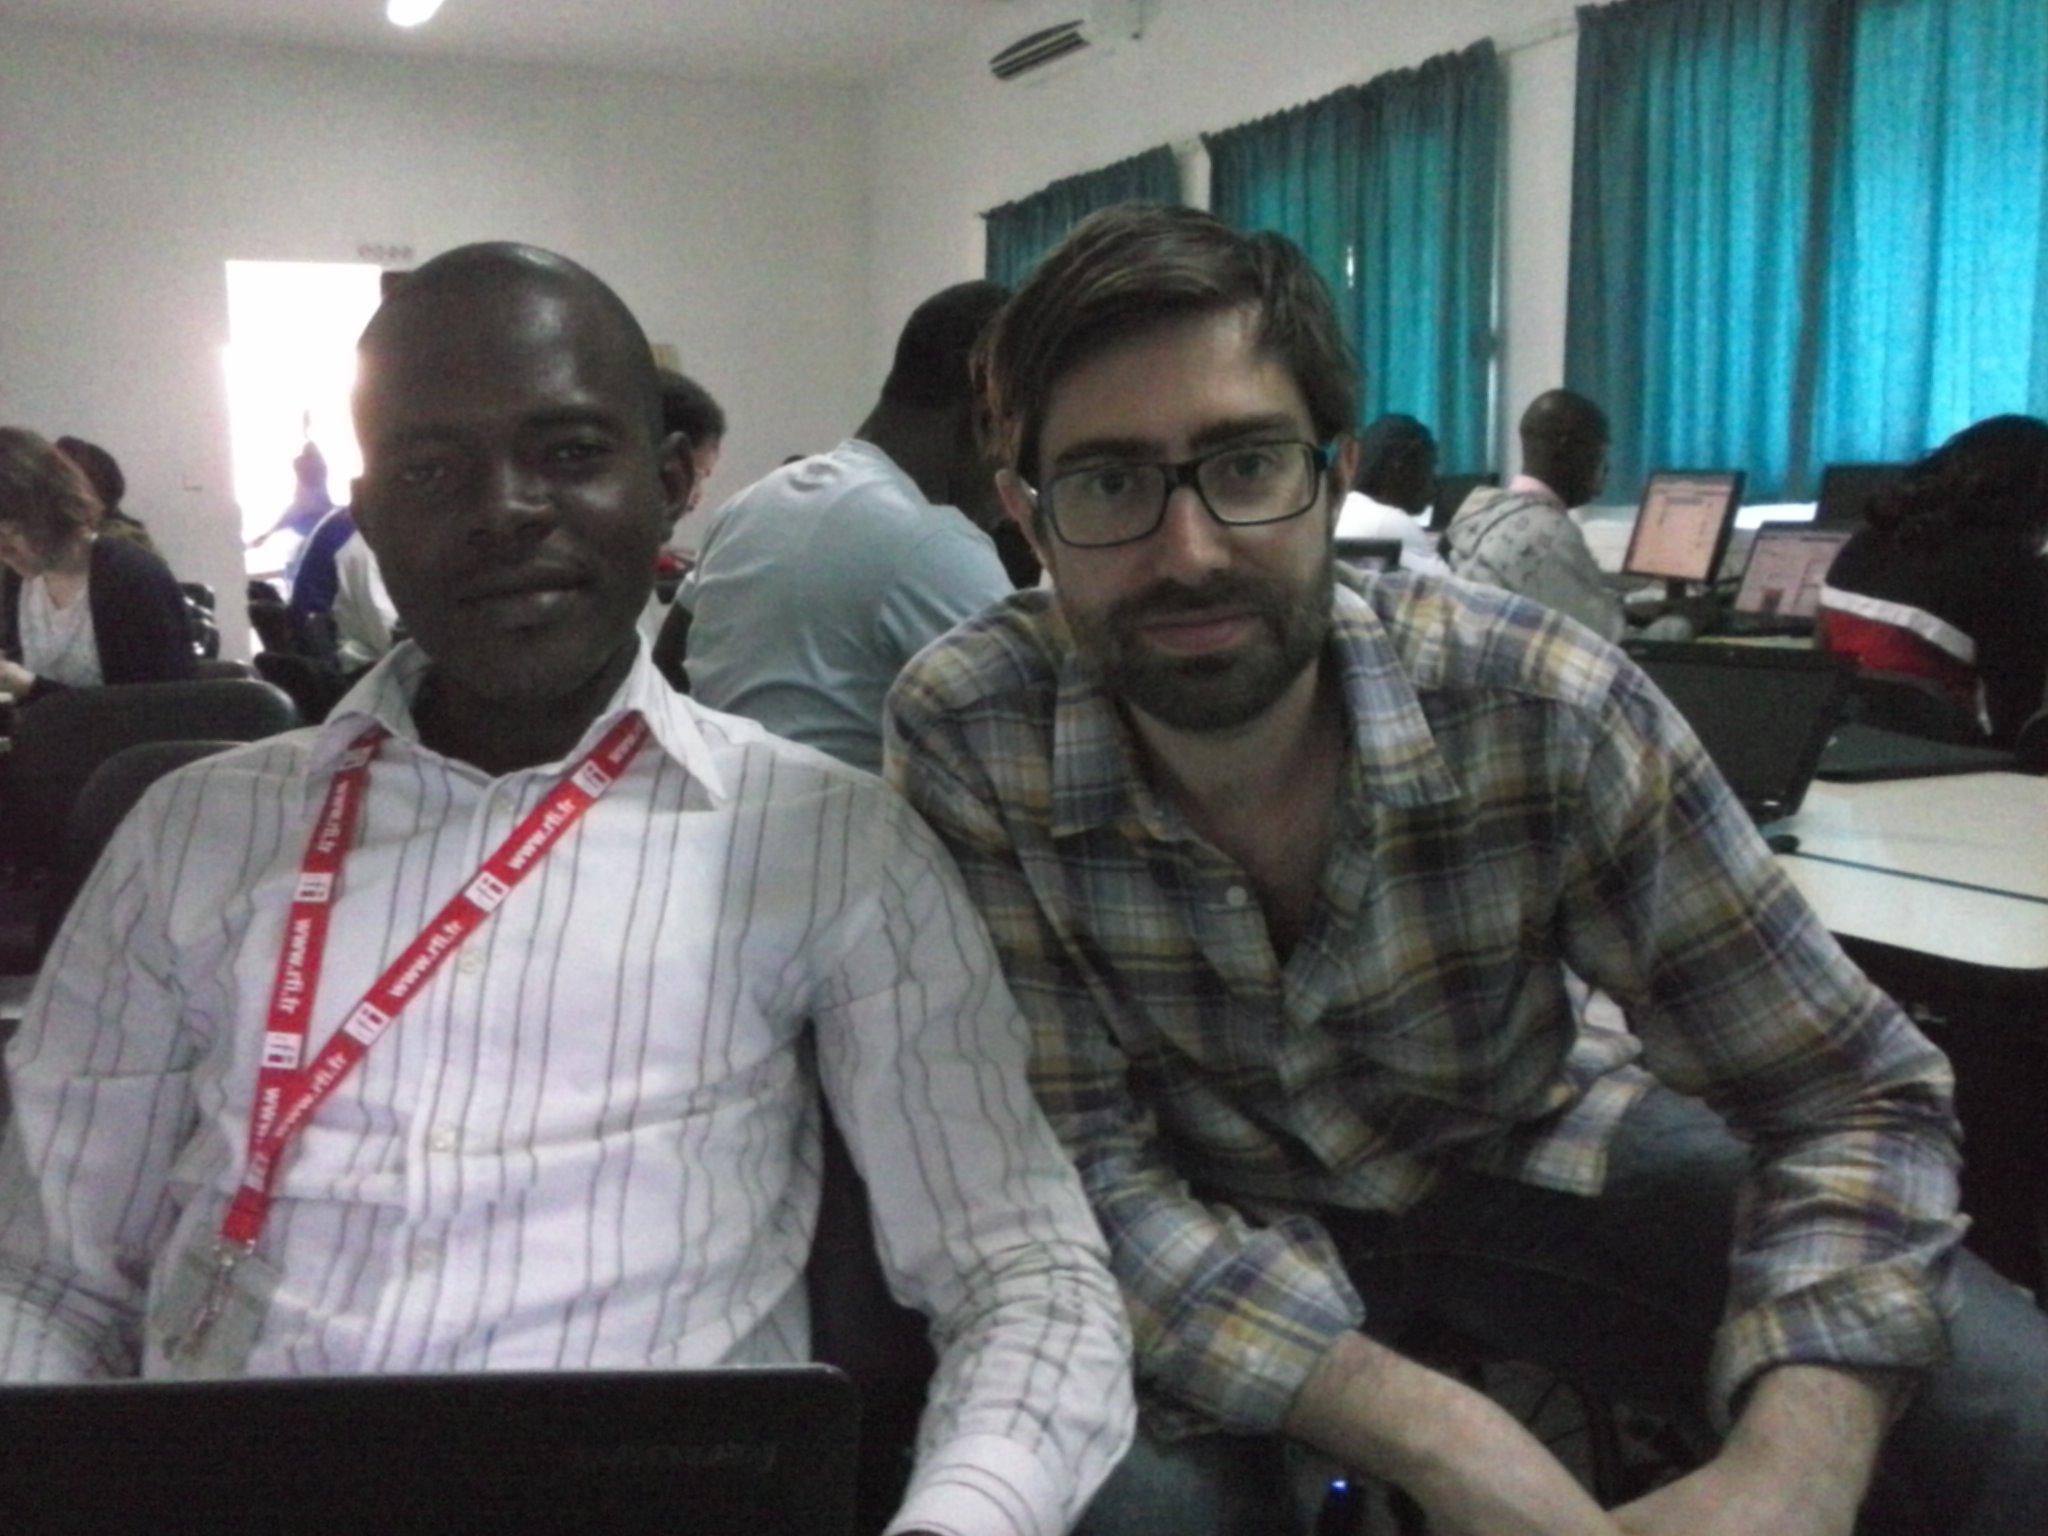 Fofana avec Grégoire Pouget de RSF. Crédit photo: Fatoumata H